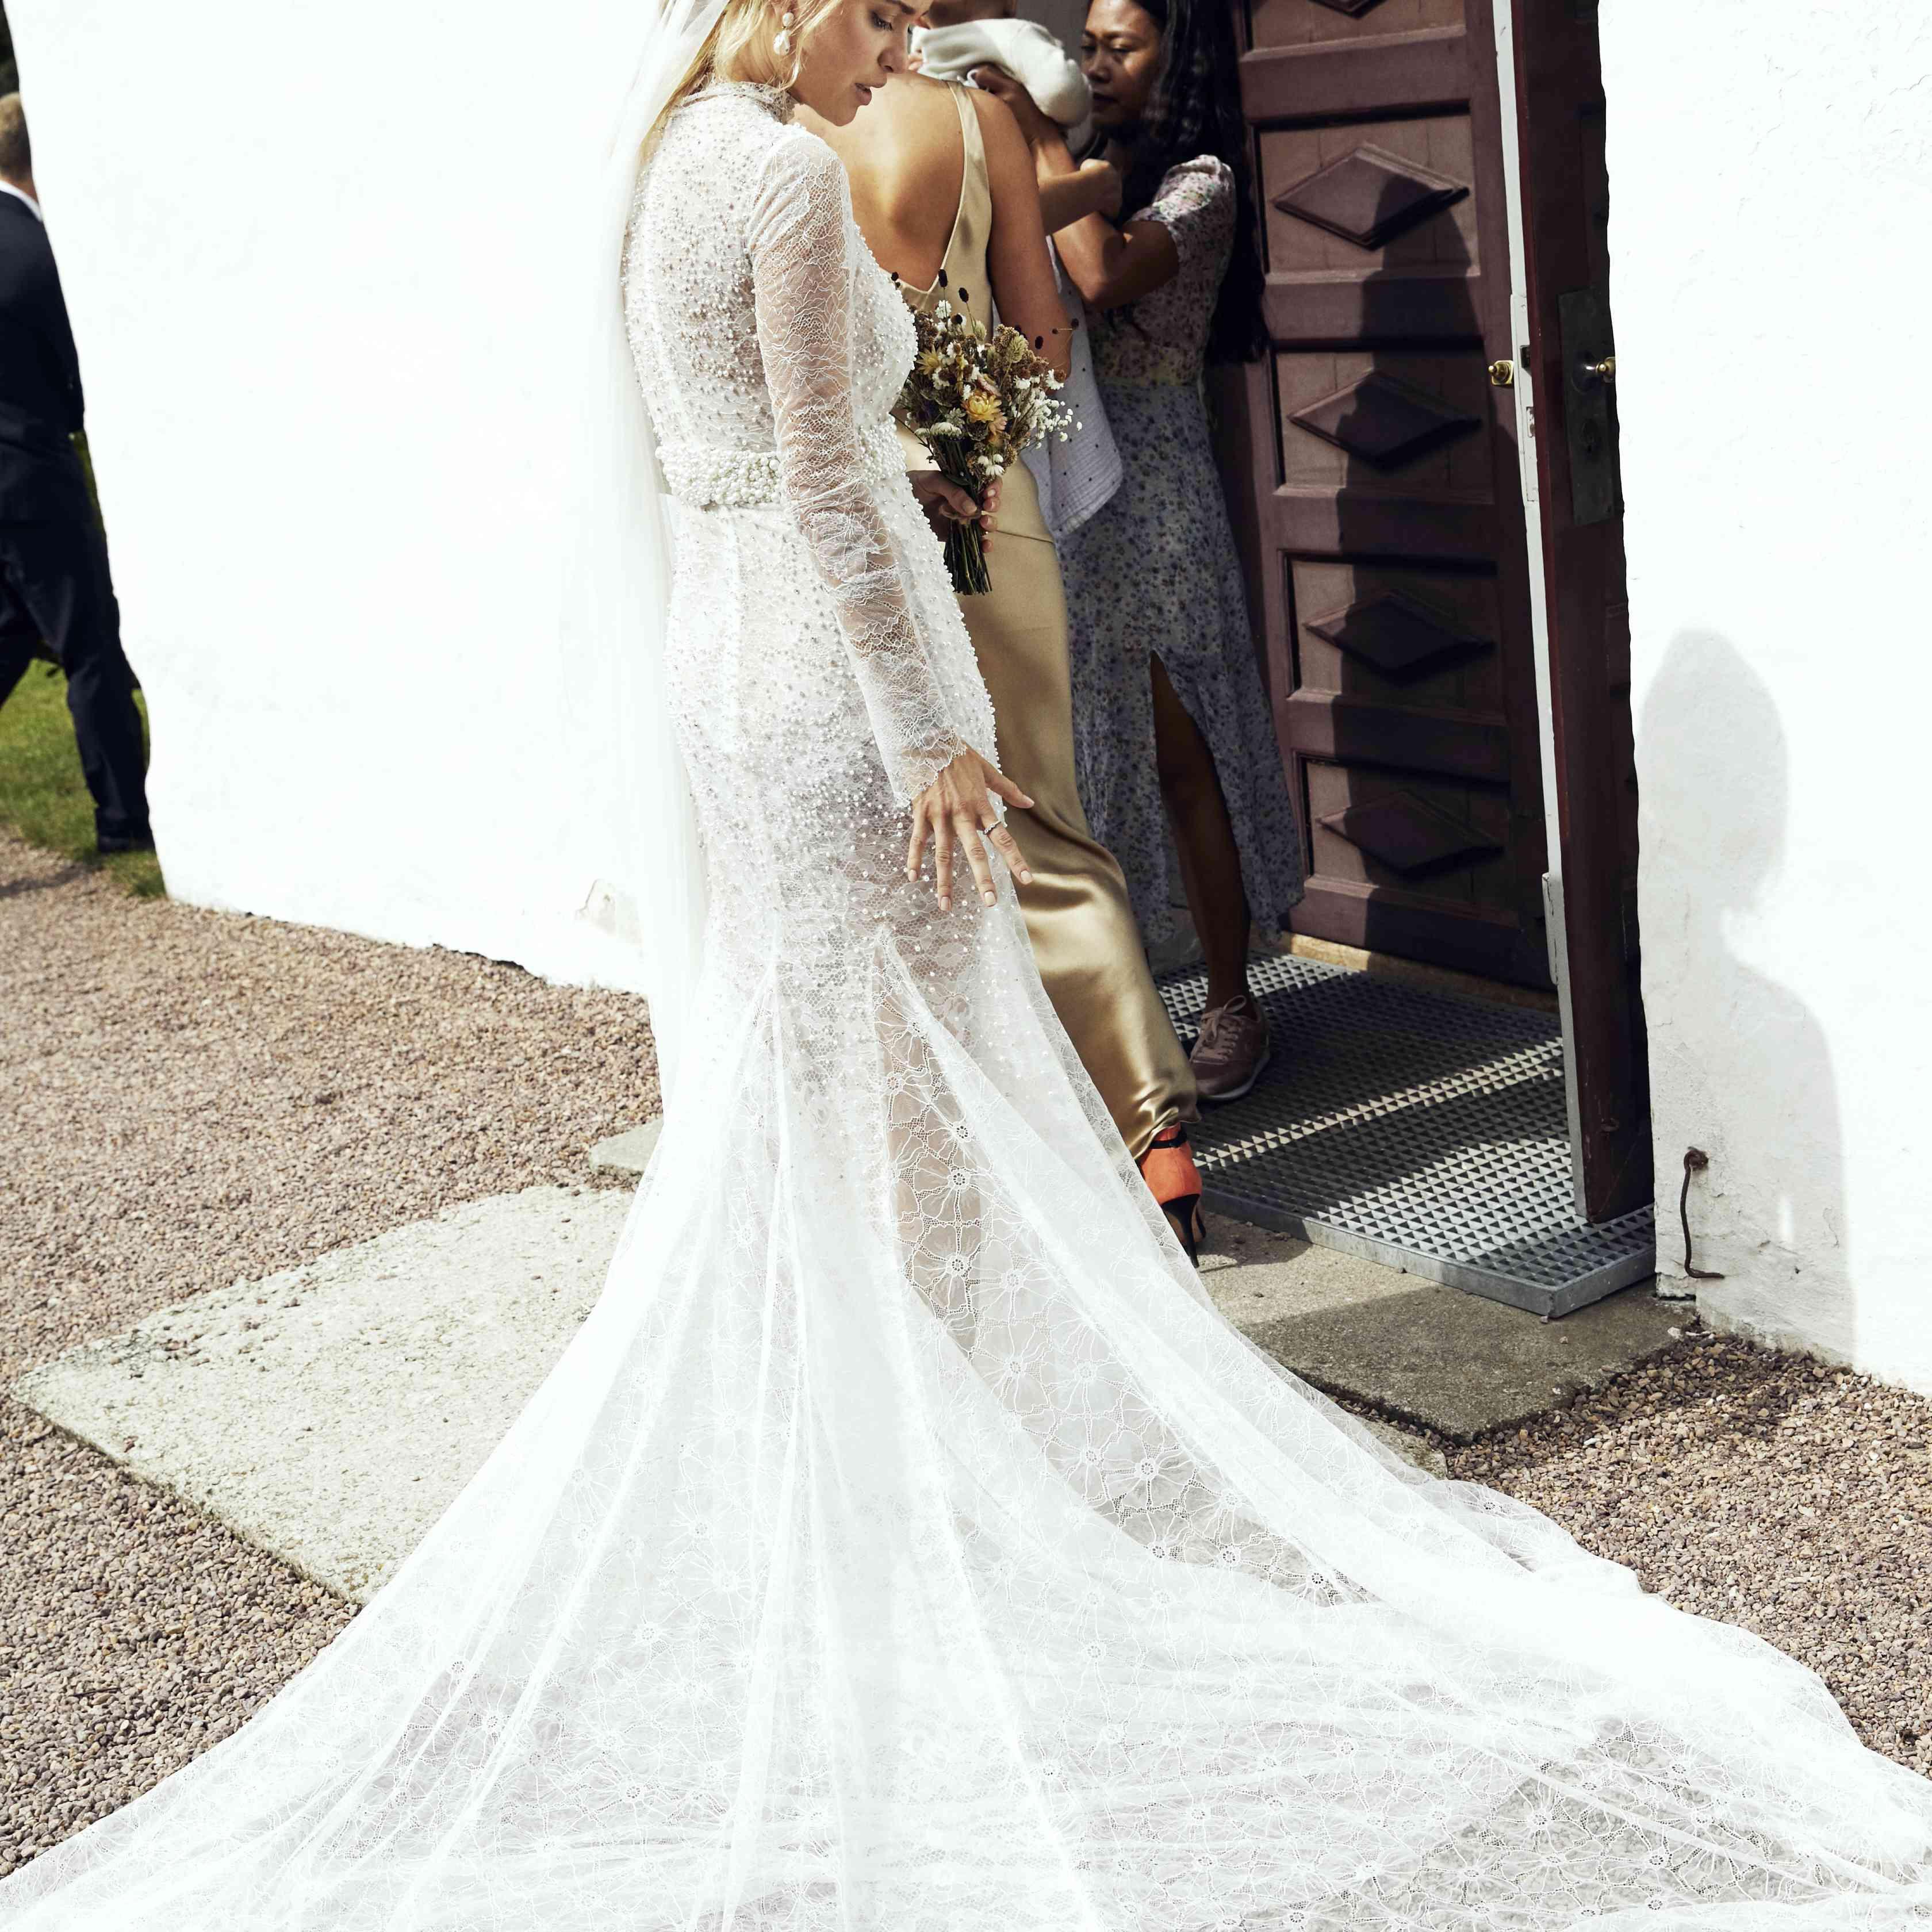 Why Do Brides Wear Garters On Their Wedding Day: Pernille Teisbaek's Stylish Wedding Off The Coast Of Denmark